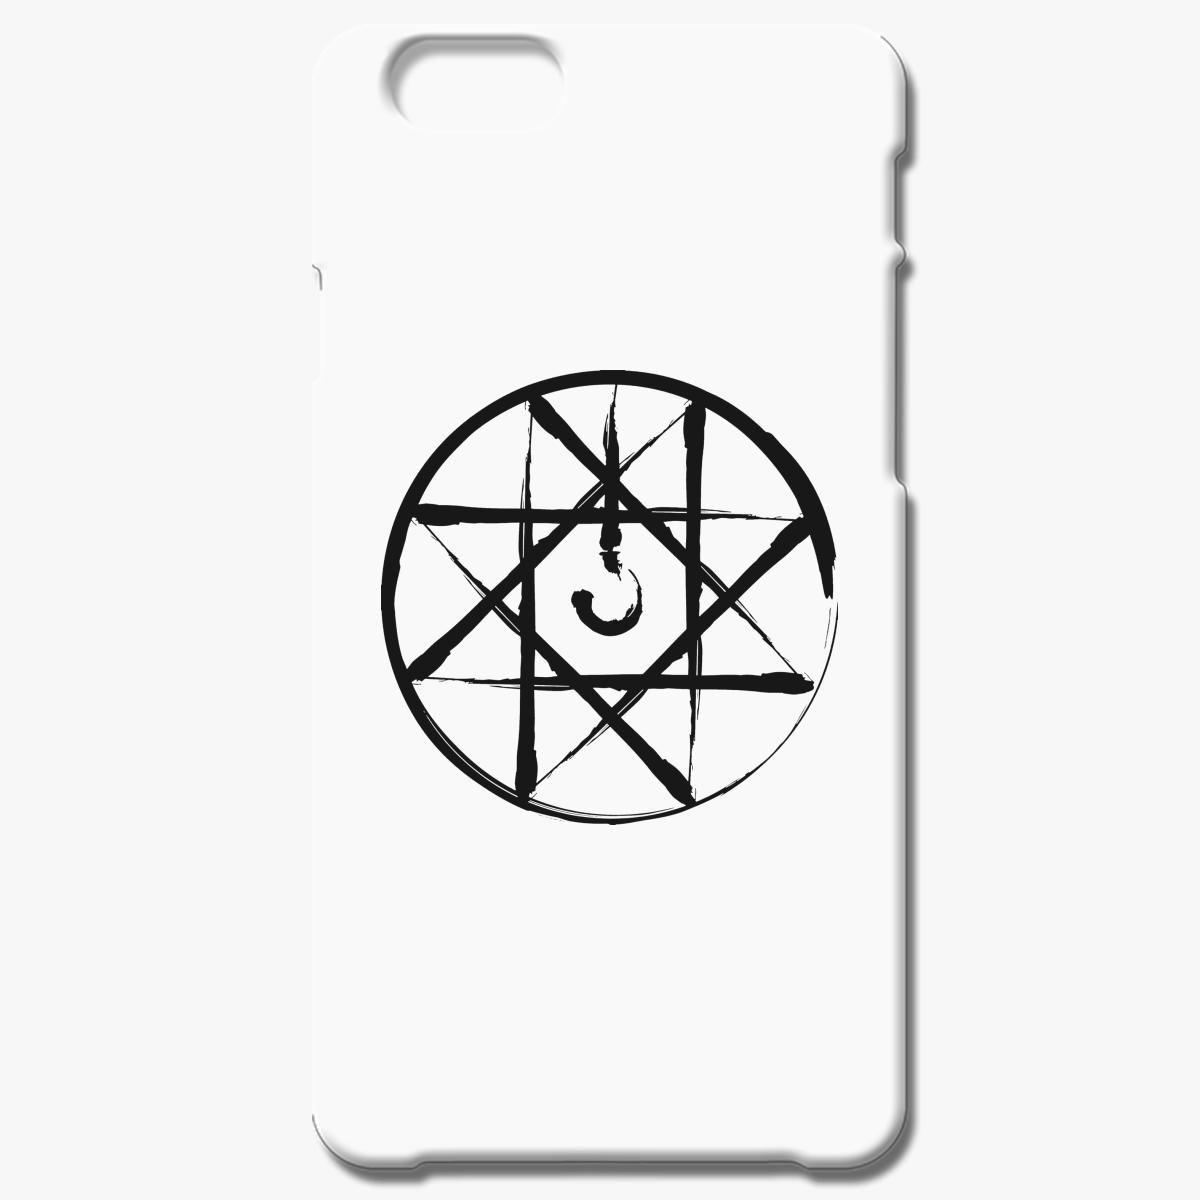 Fullmetal Alchemist Symbol Iphone 8 Plus Case